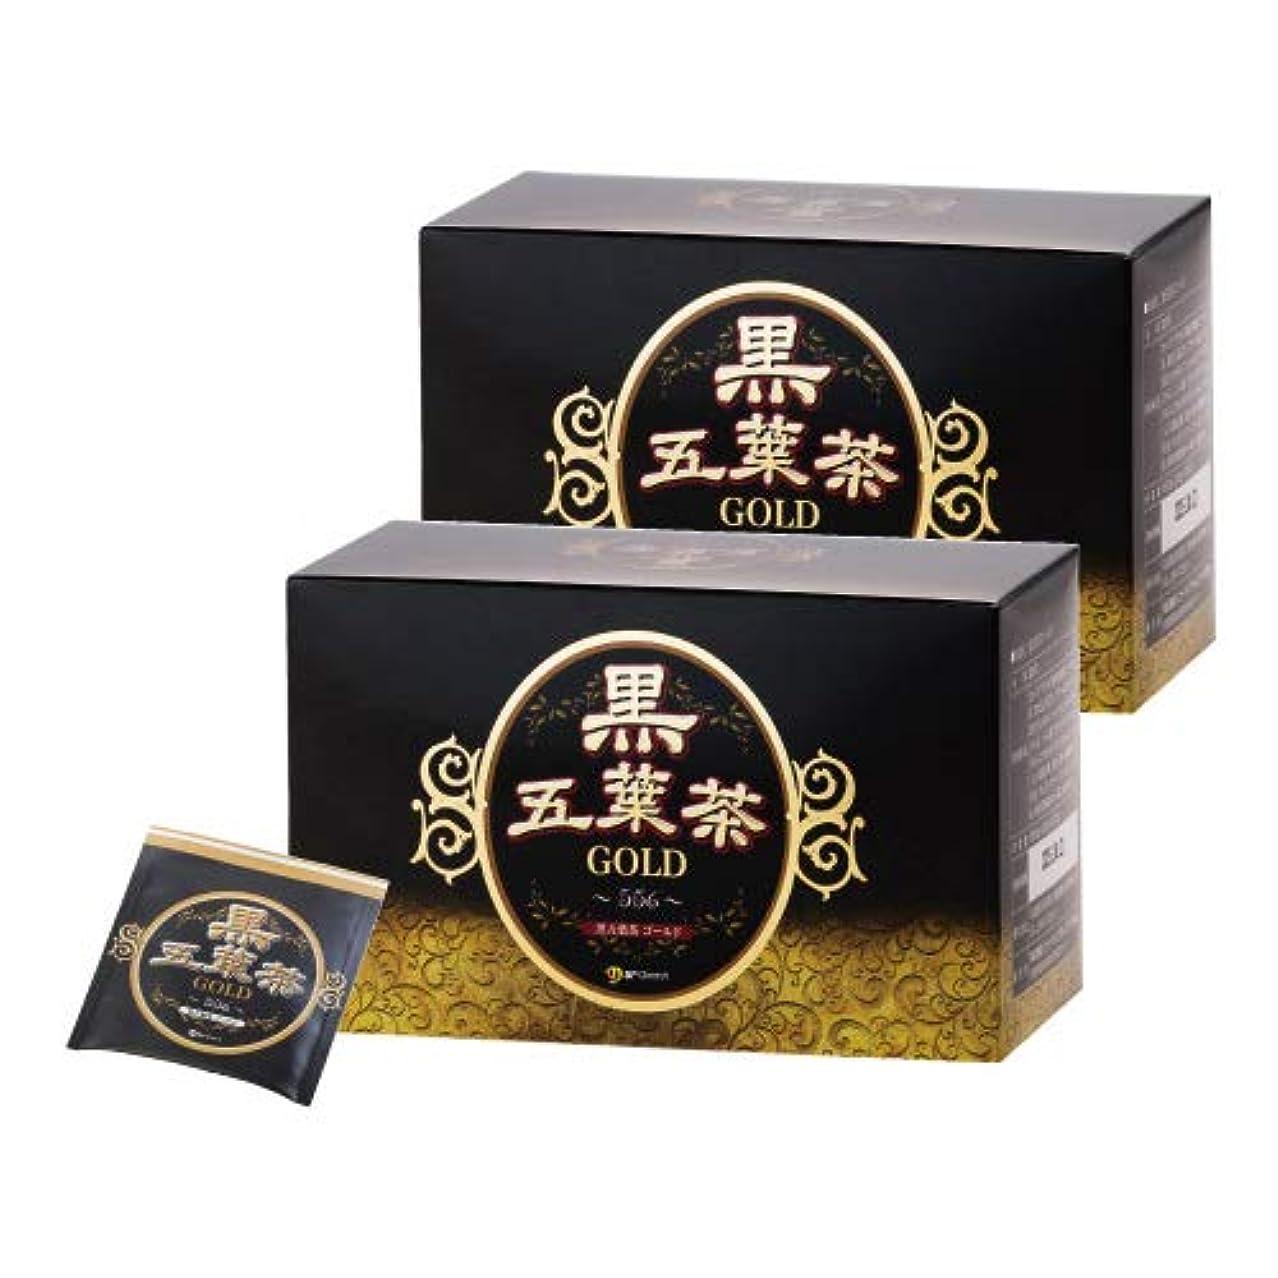 ユーモラスボトルペチュランス黒五葉茶ゴールド 30包 2箱セット ダイエット ダイエット茶 ダイエットティー ハーブティー 難消化性デキストリン